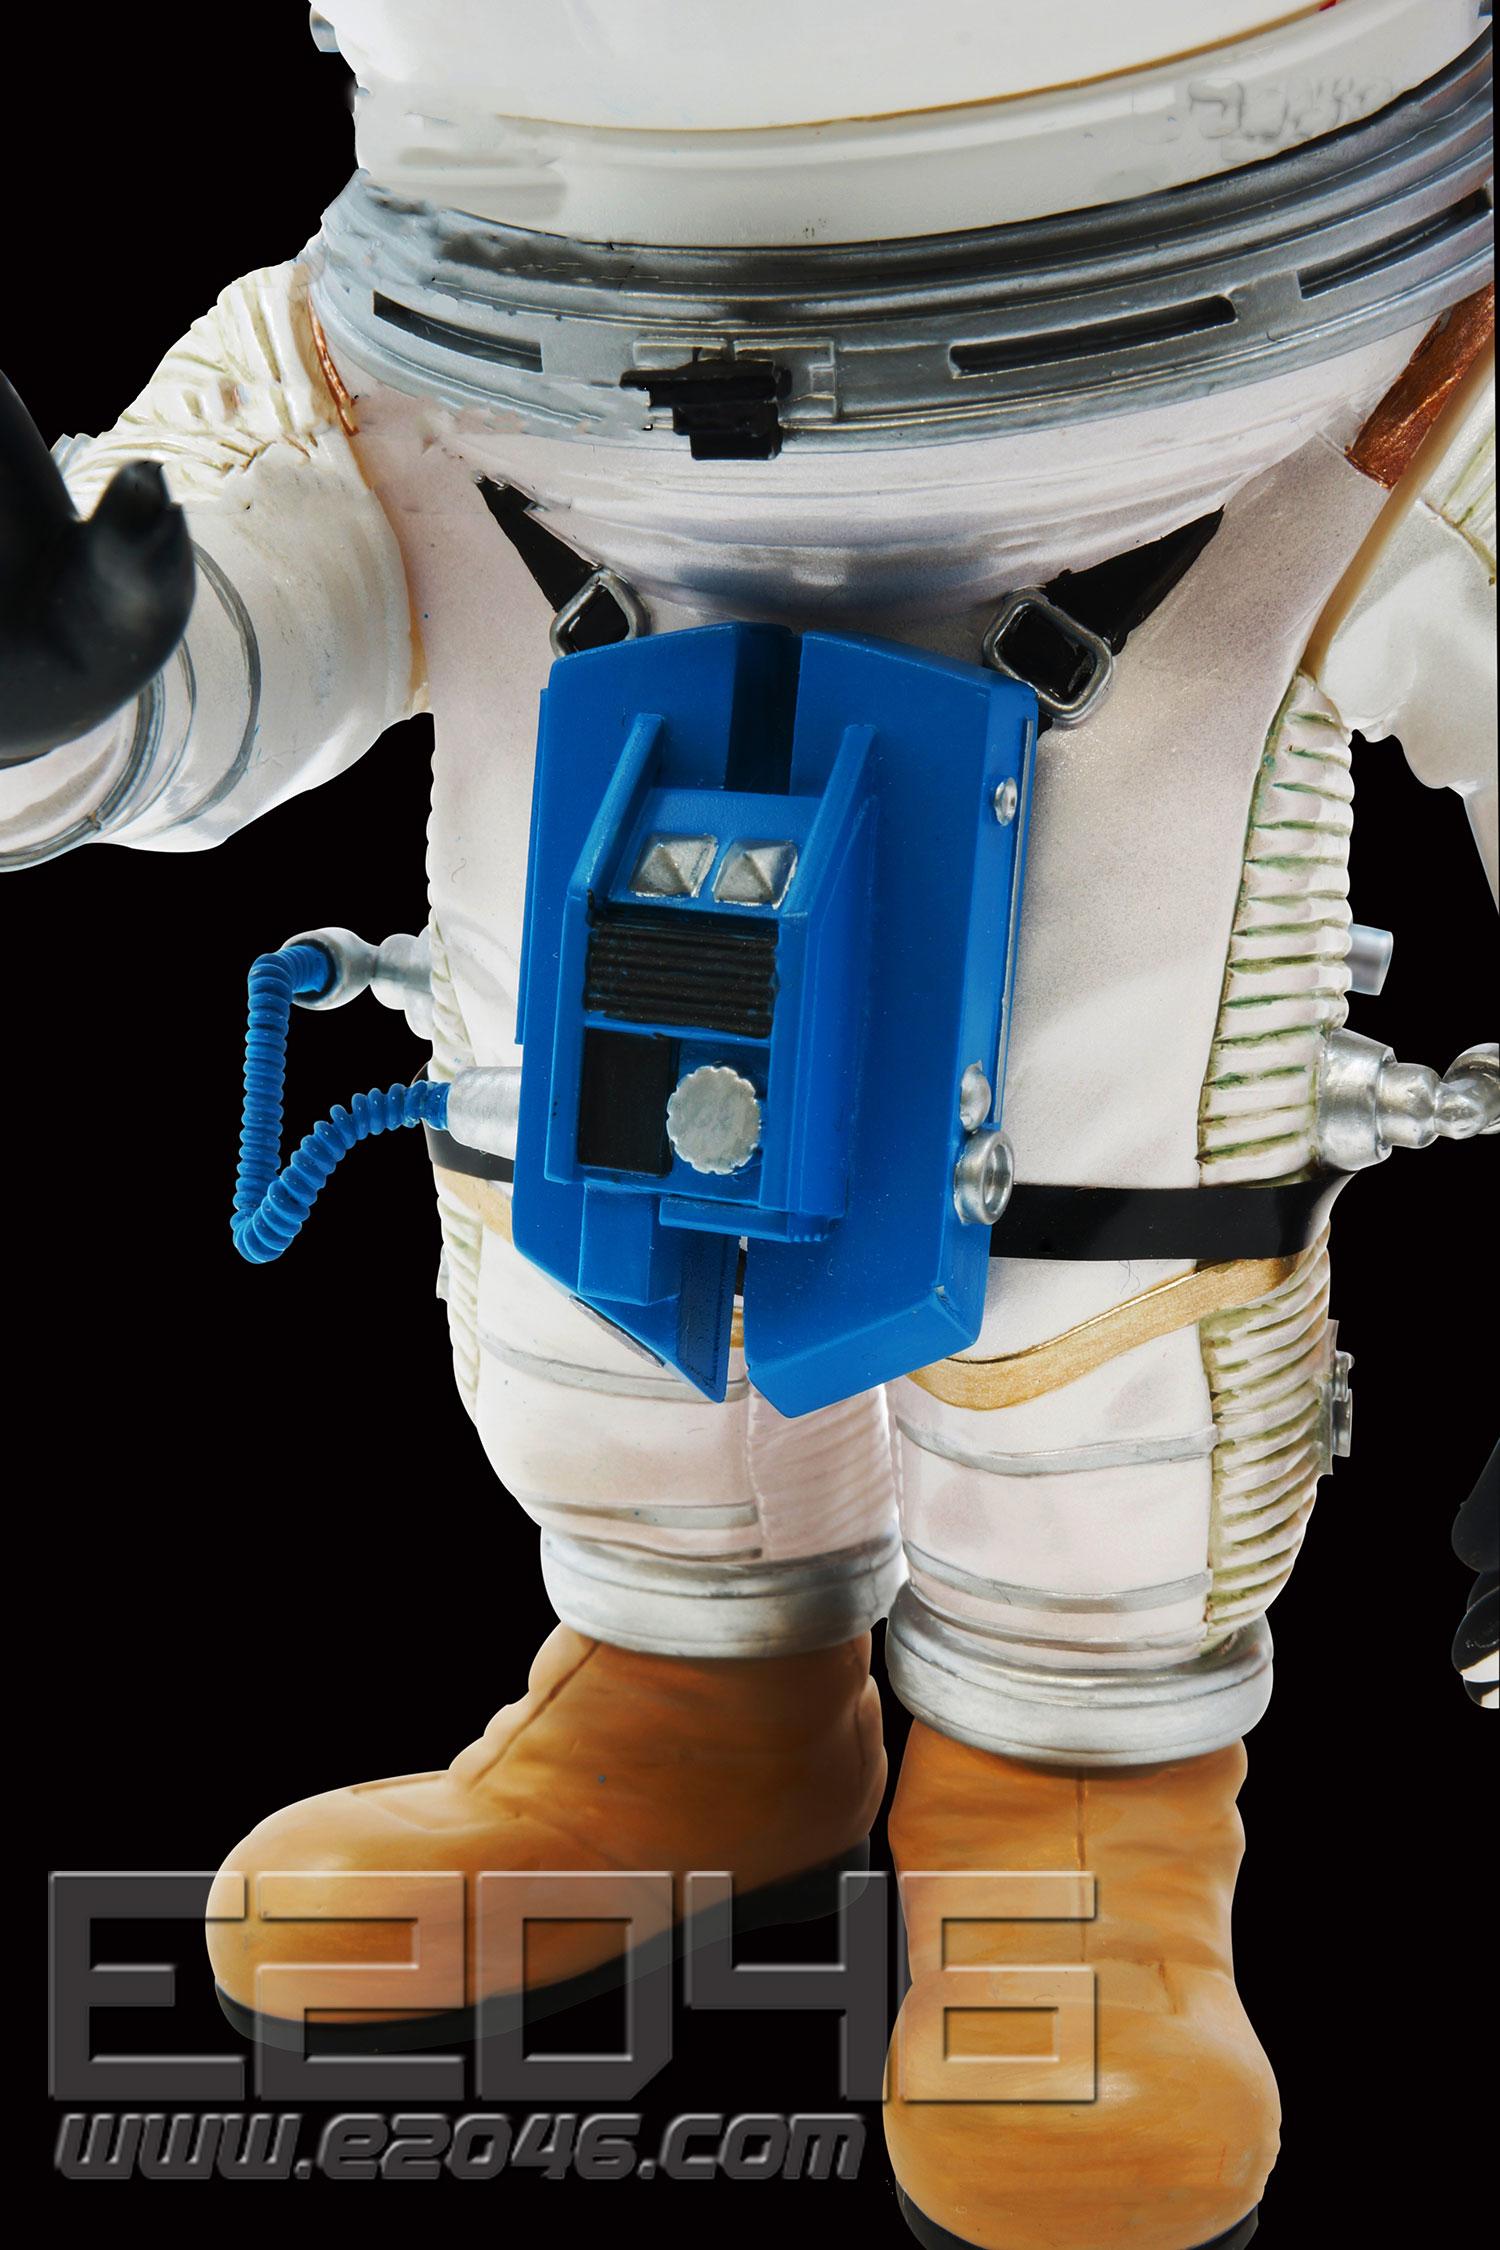 Astronauts Silver Space Suit Version (PVC)